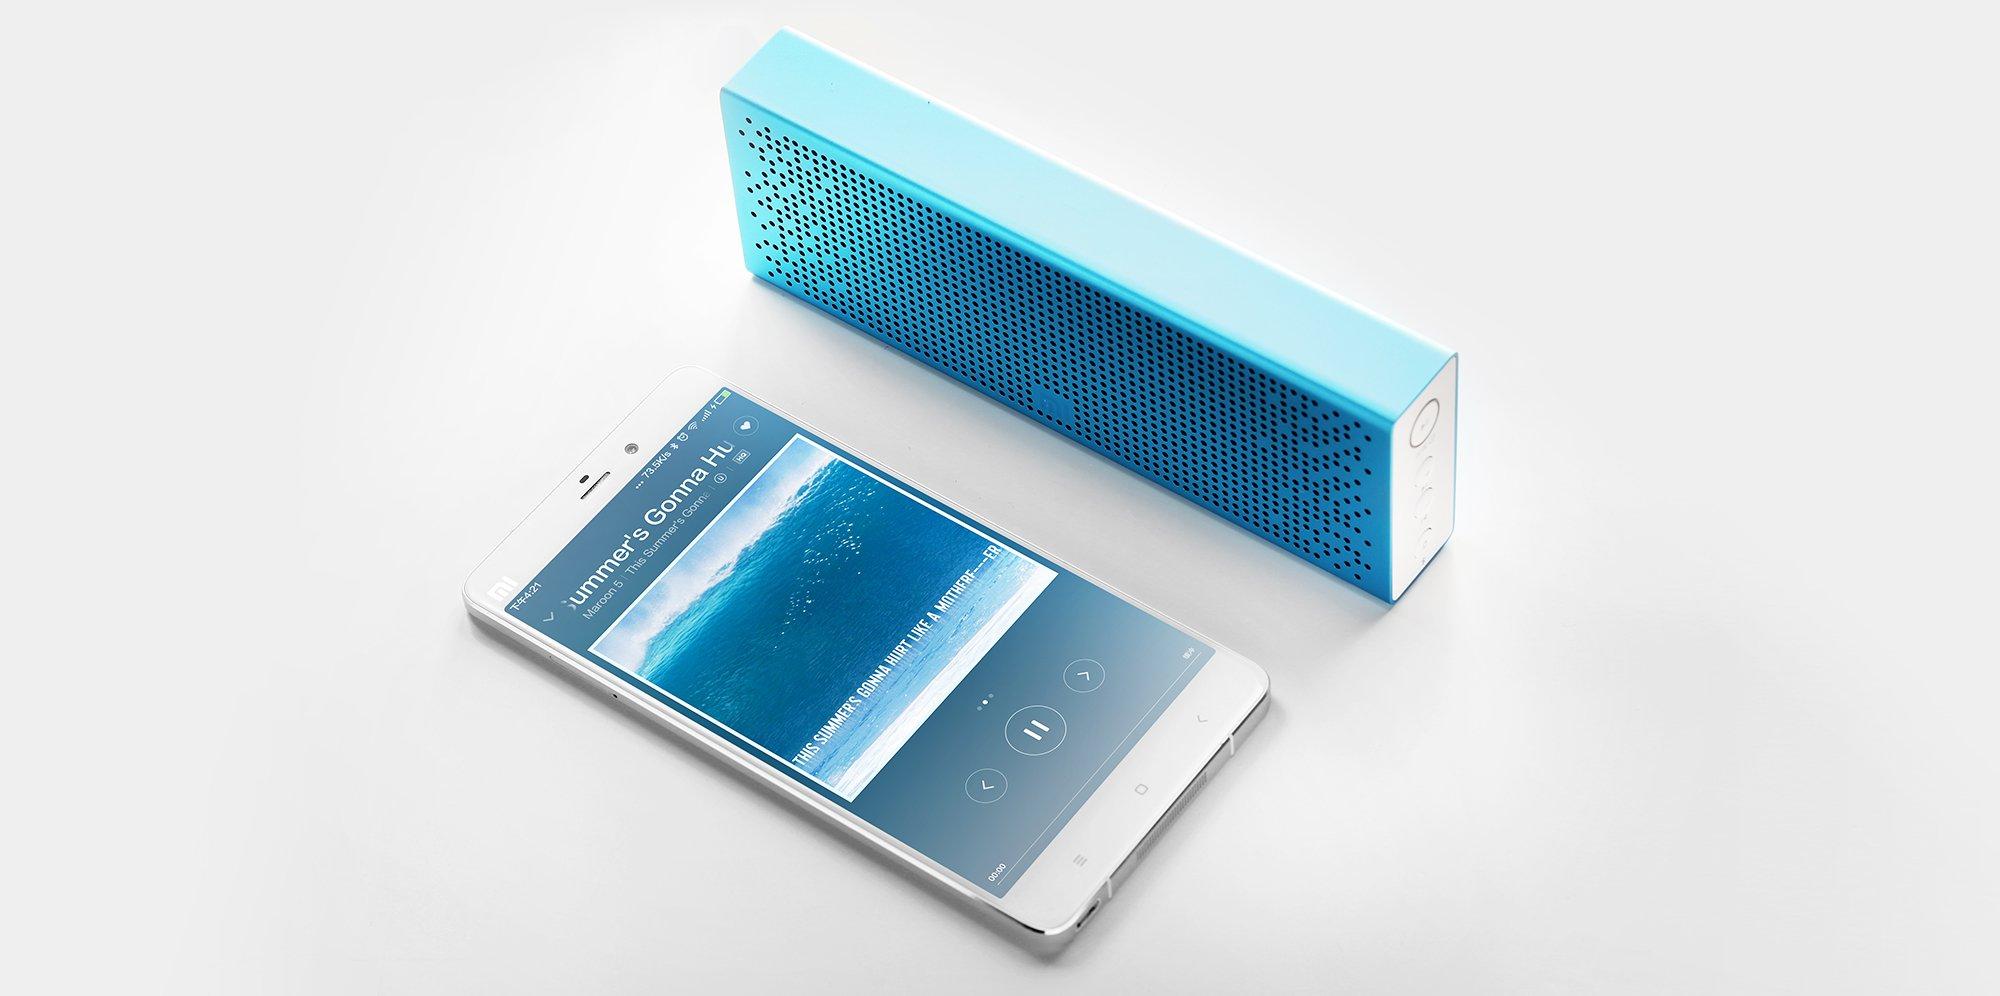 Szukasz dobrego i taniego głośnika? Xiaomi Mi Bluetooth Speaker w poniedziałek kupisz za 119 złotych 20